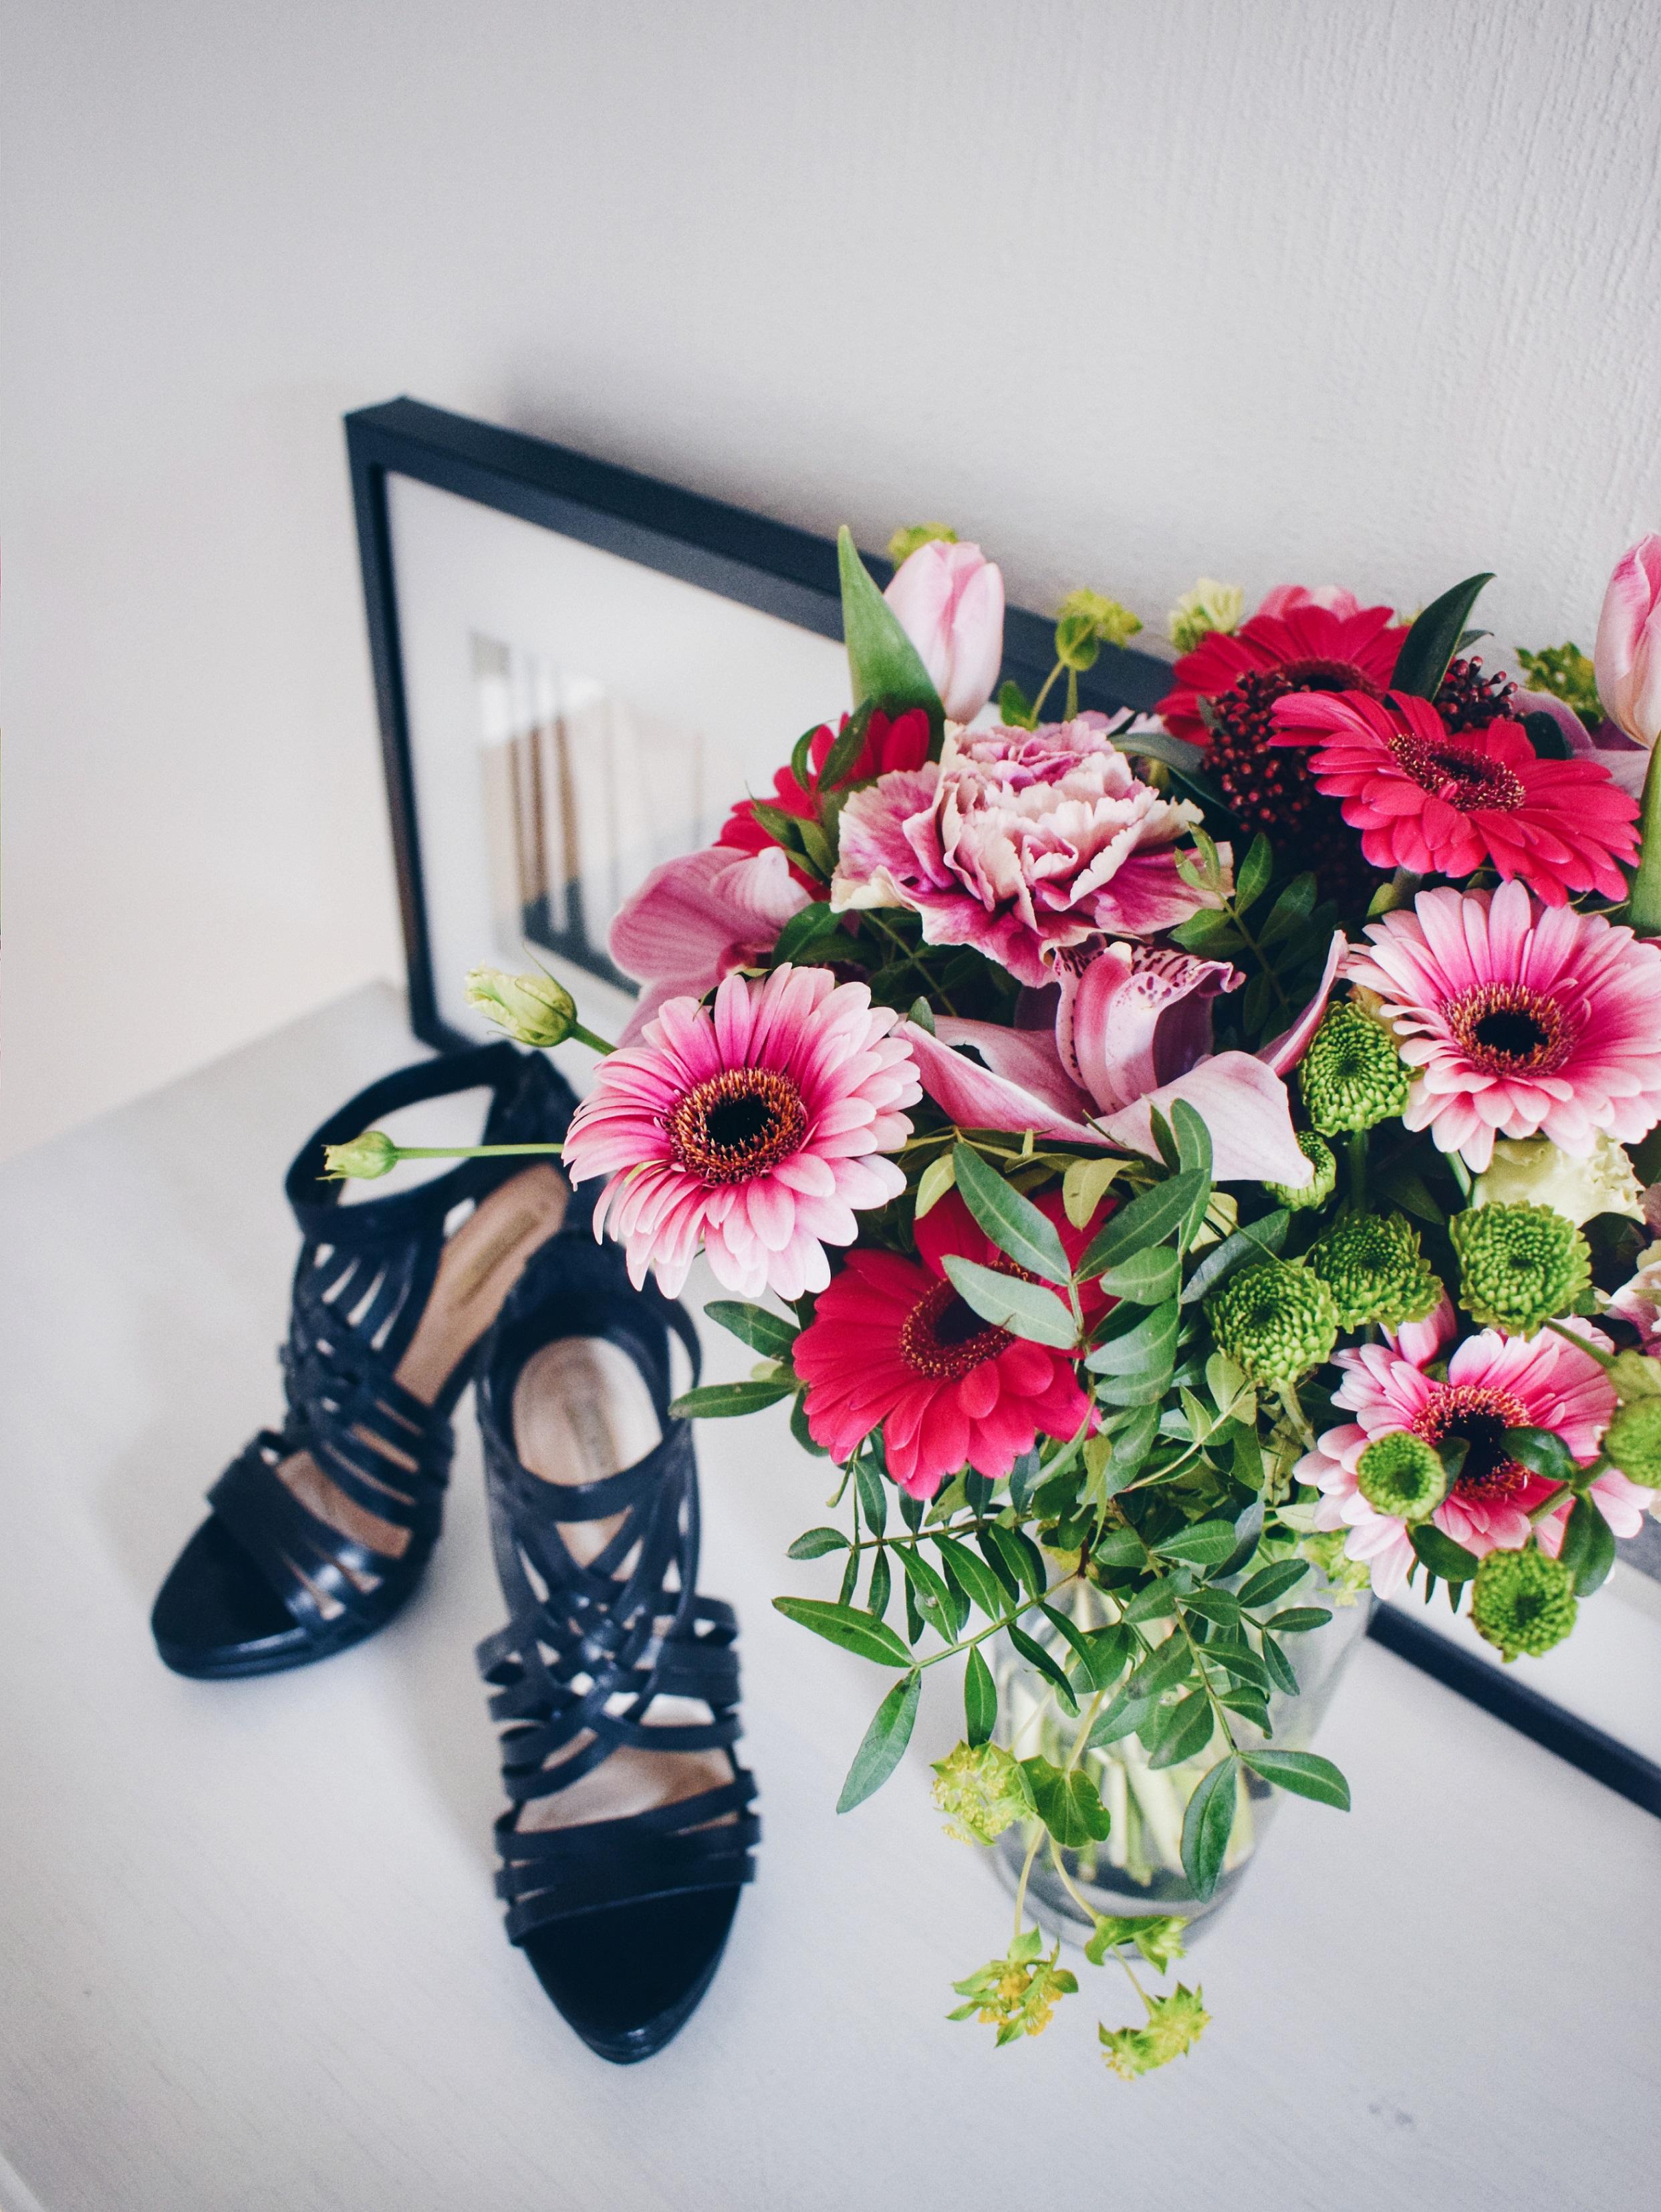 spring trend statement high heels